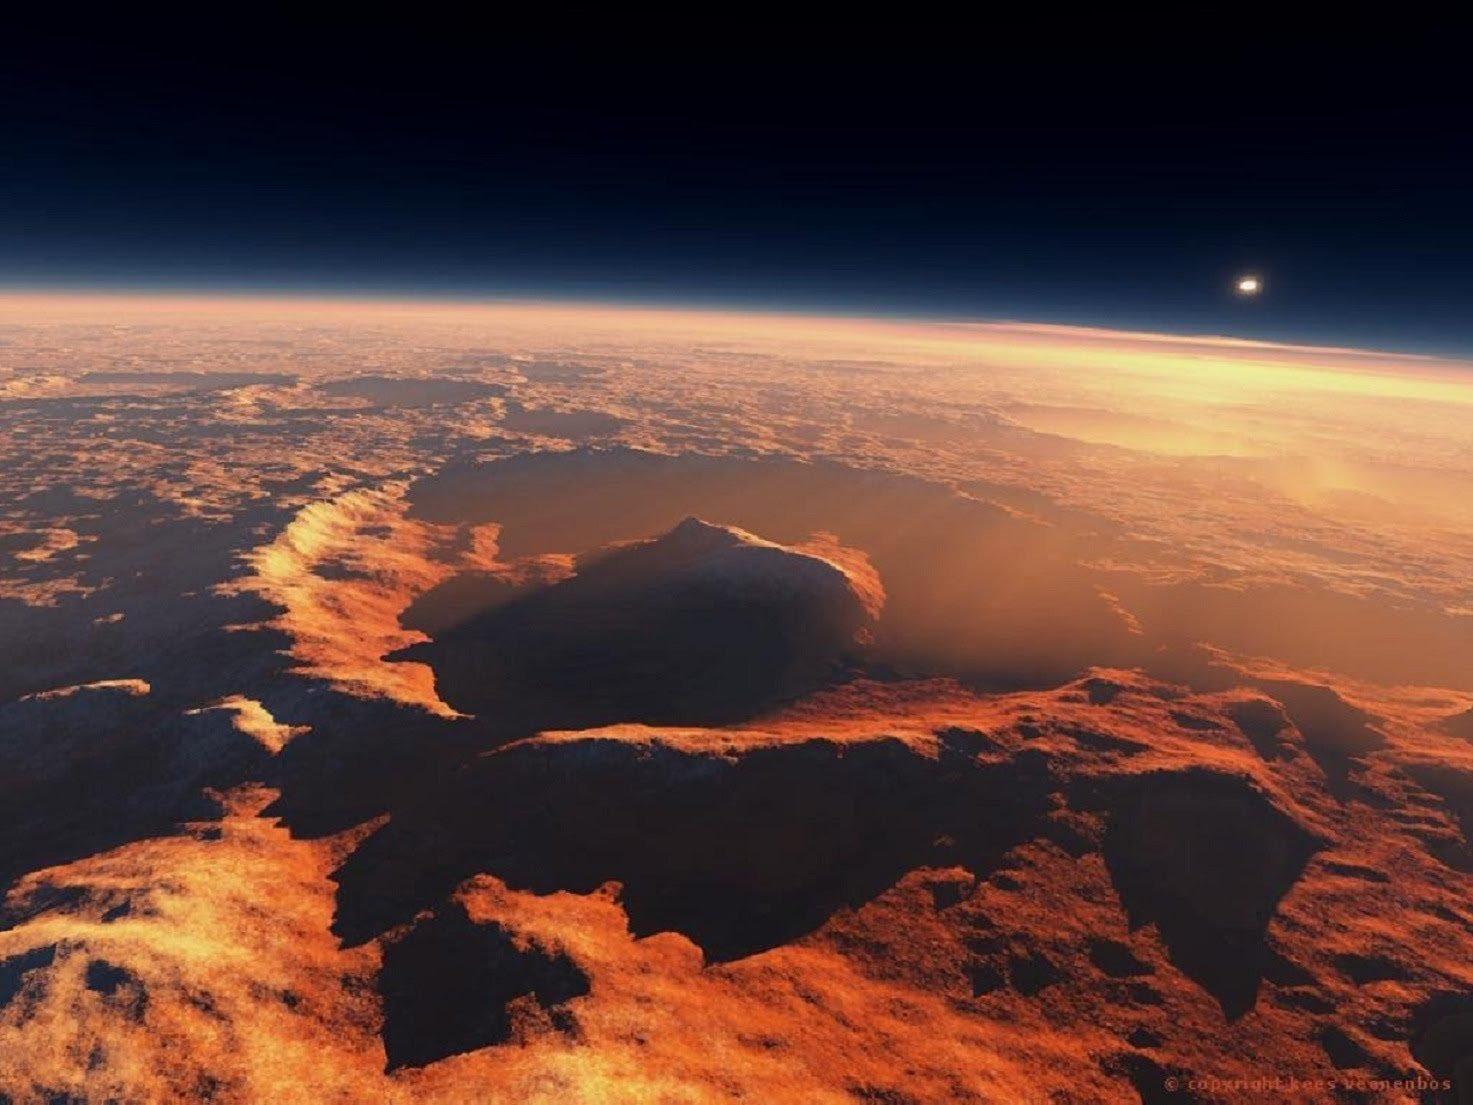 nasa mars images - HD1300×943